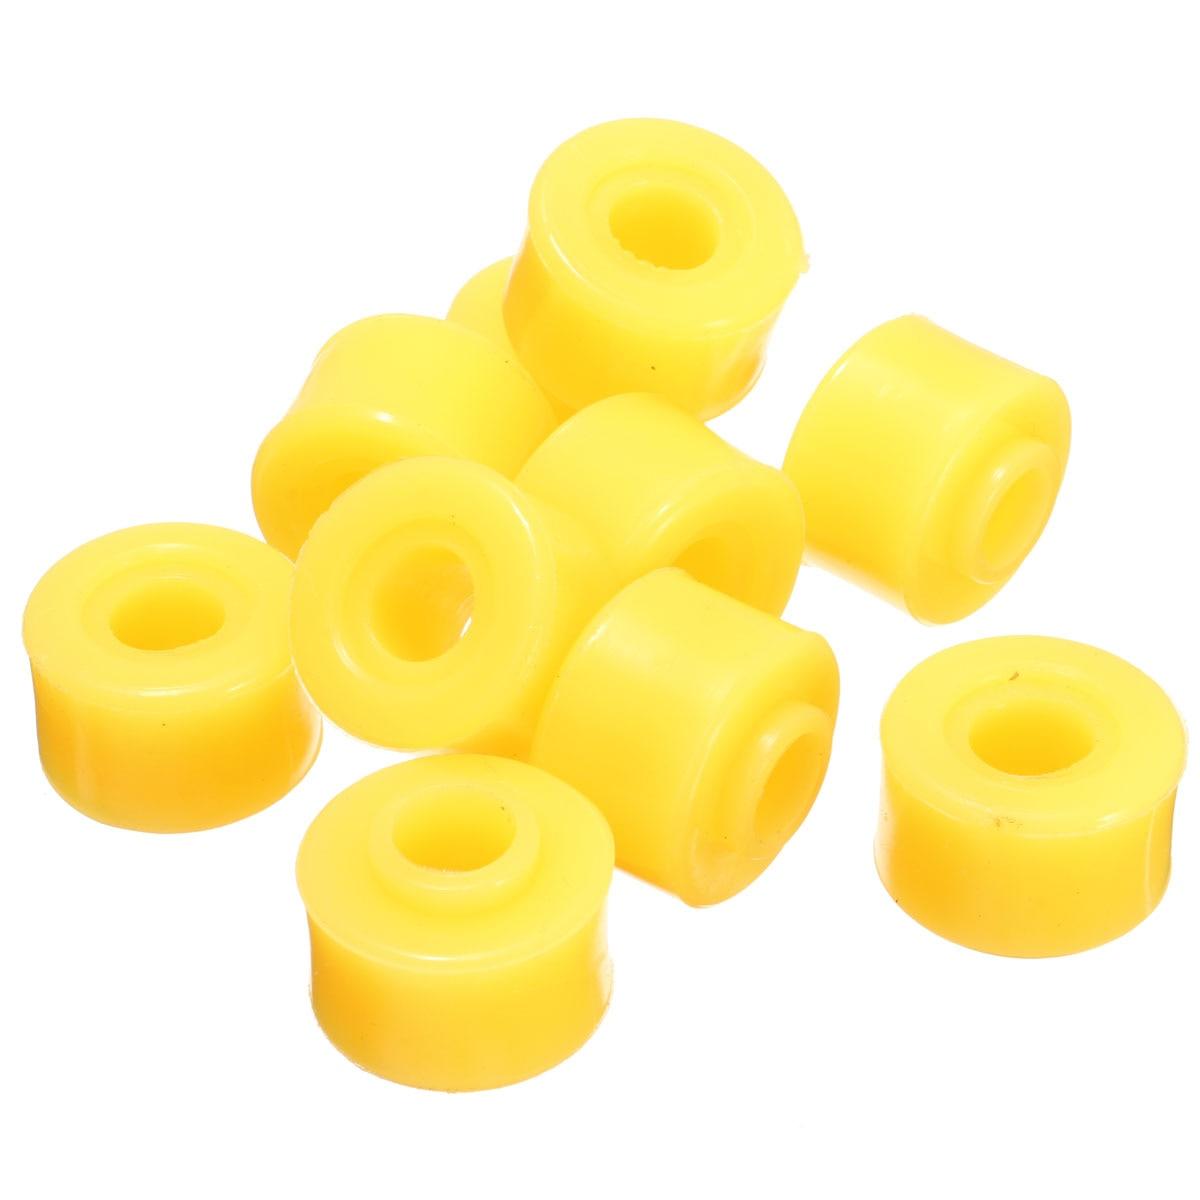 10 ملليمتر 10 قطع الداخلية ضياء الأصفر مطاط ممتص الصدمات البطانات جزء للسيارات للسيارات